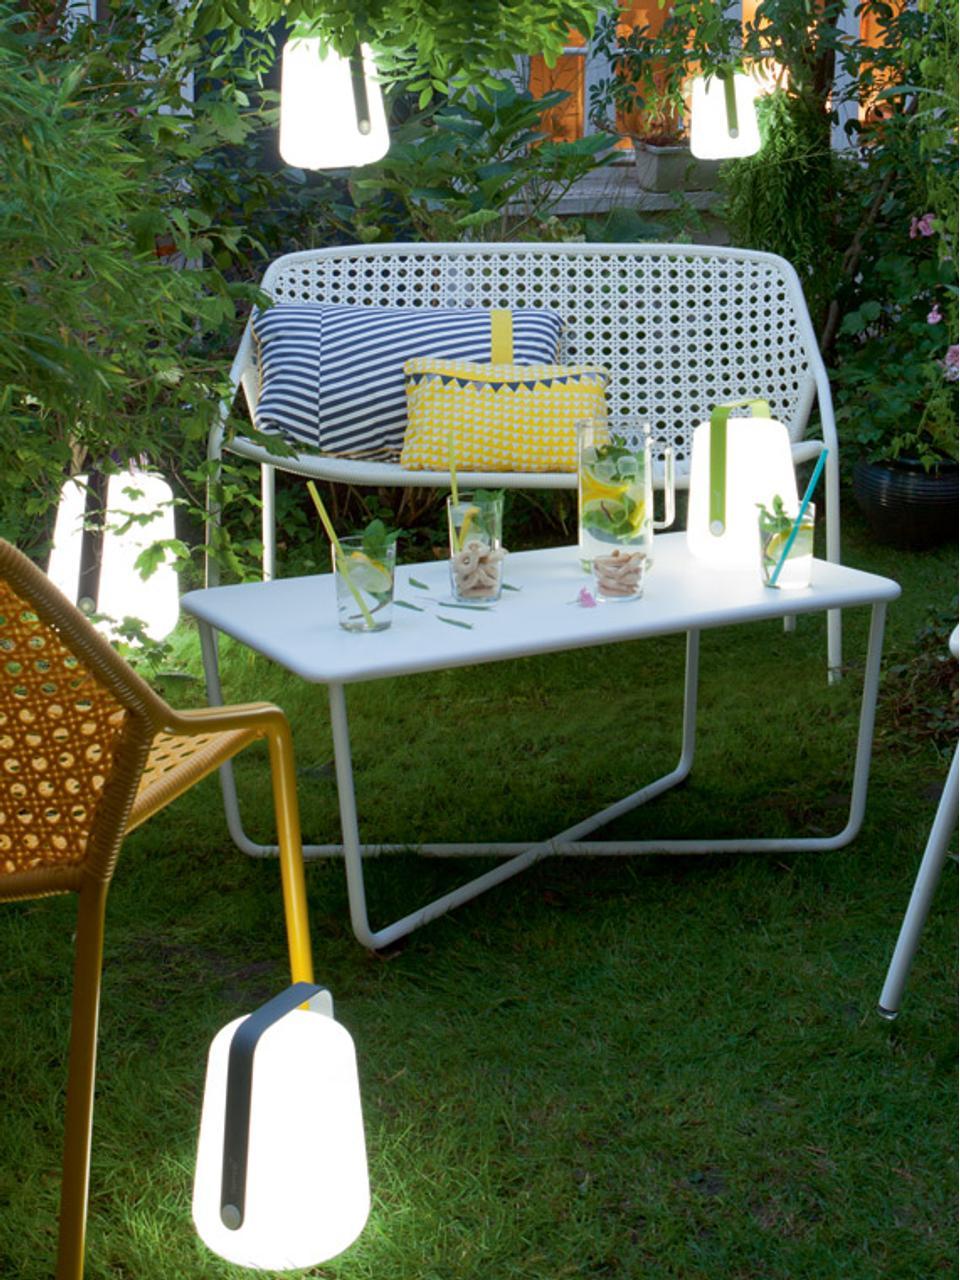 Lampada da tavolo dimmerabile da esterno Balad, Paralume: polietilene altamente tra, Manico: alluminio verniciato, Marrone noce moscata, Ø 28 x Alt. 38 cm